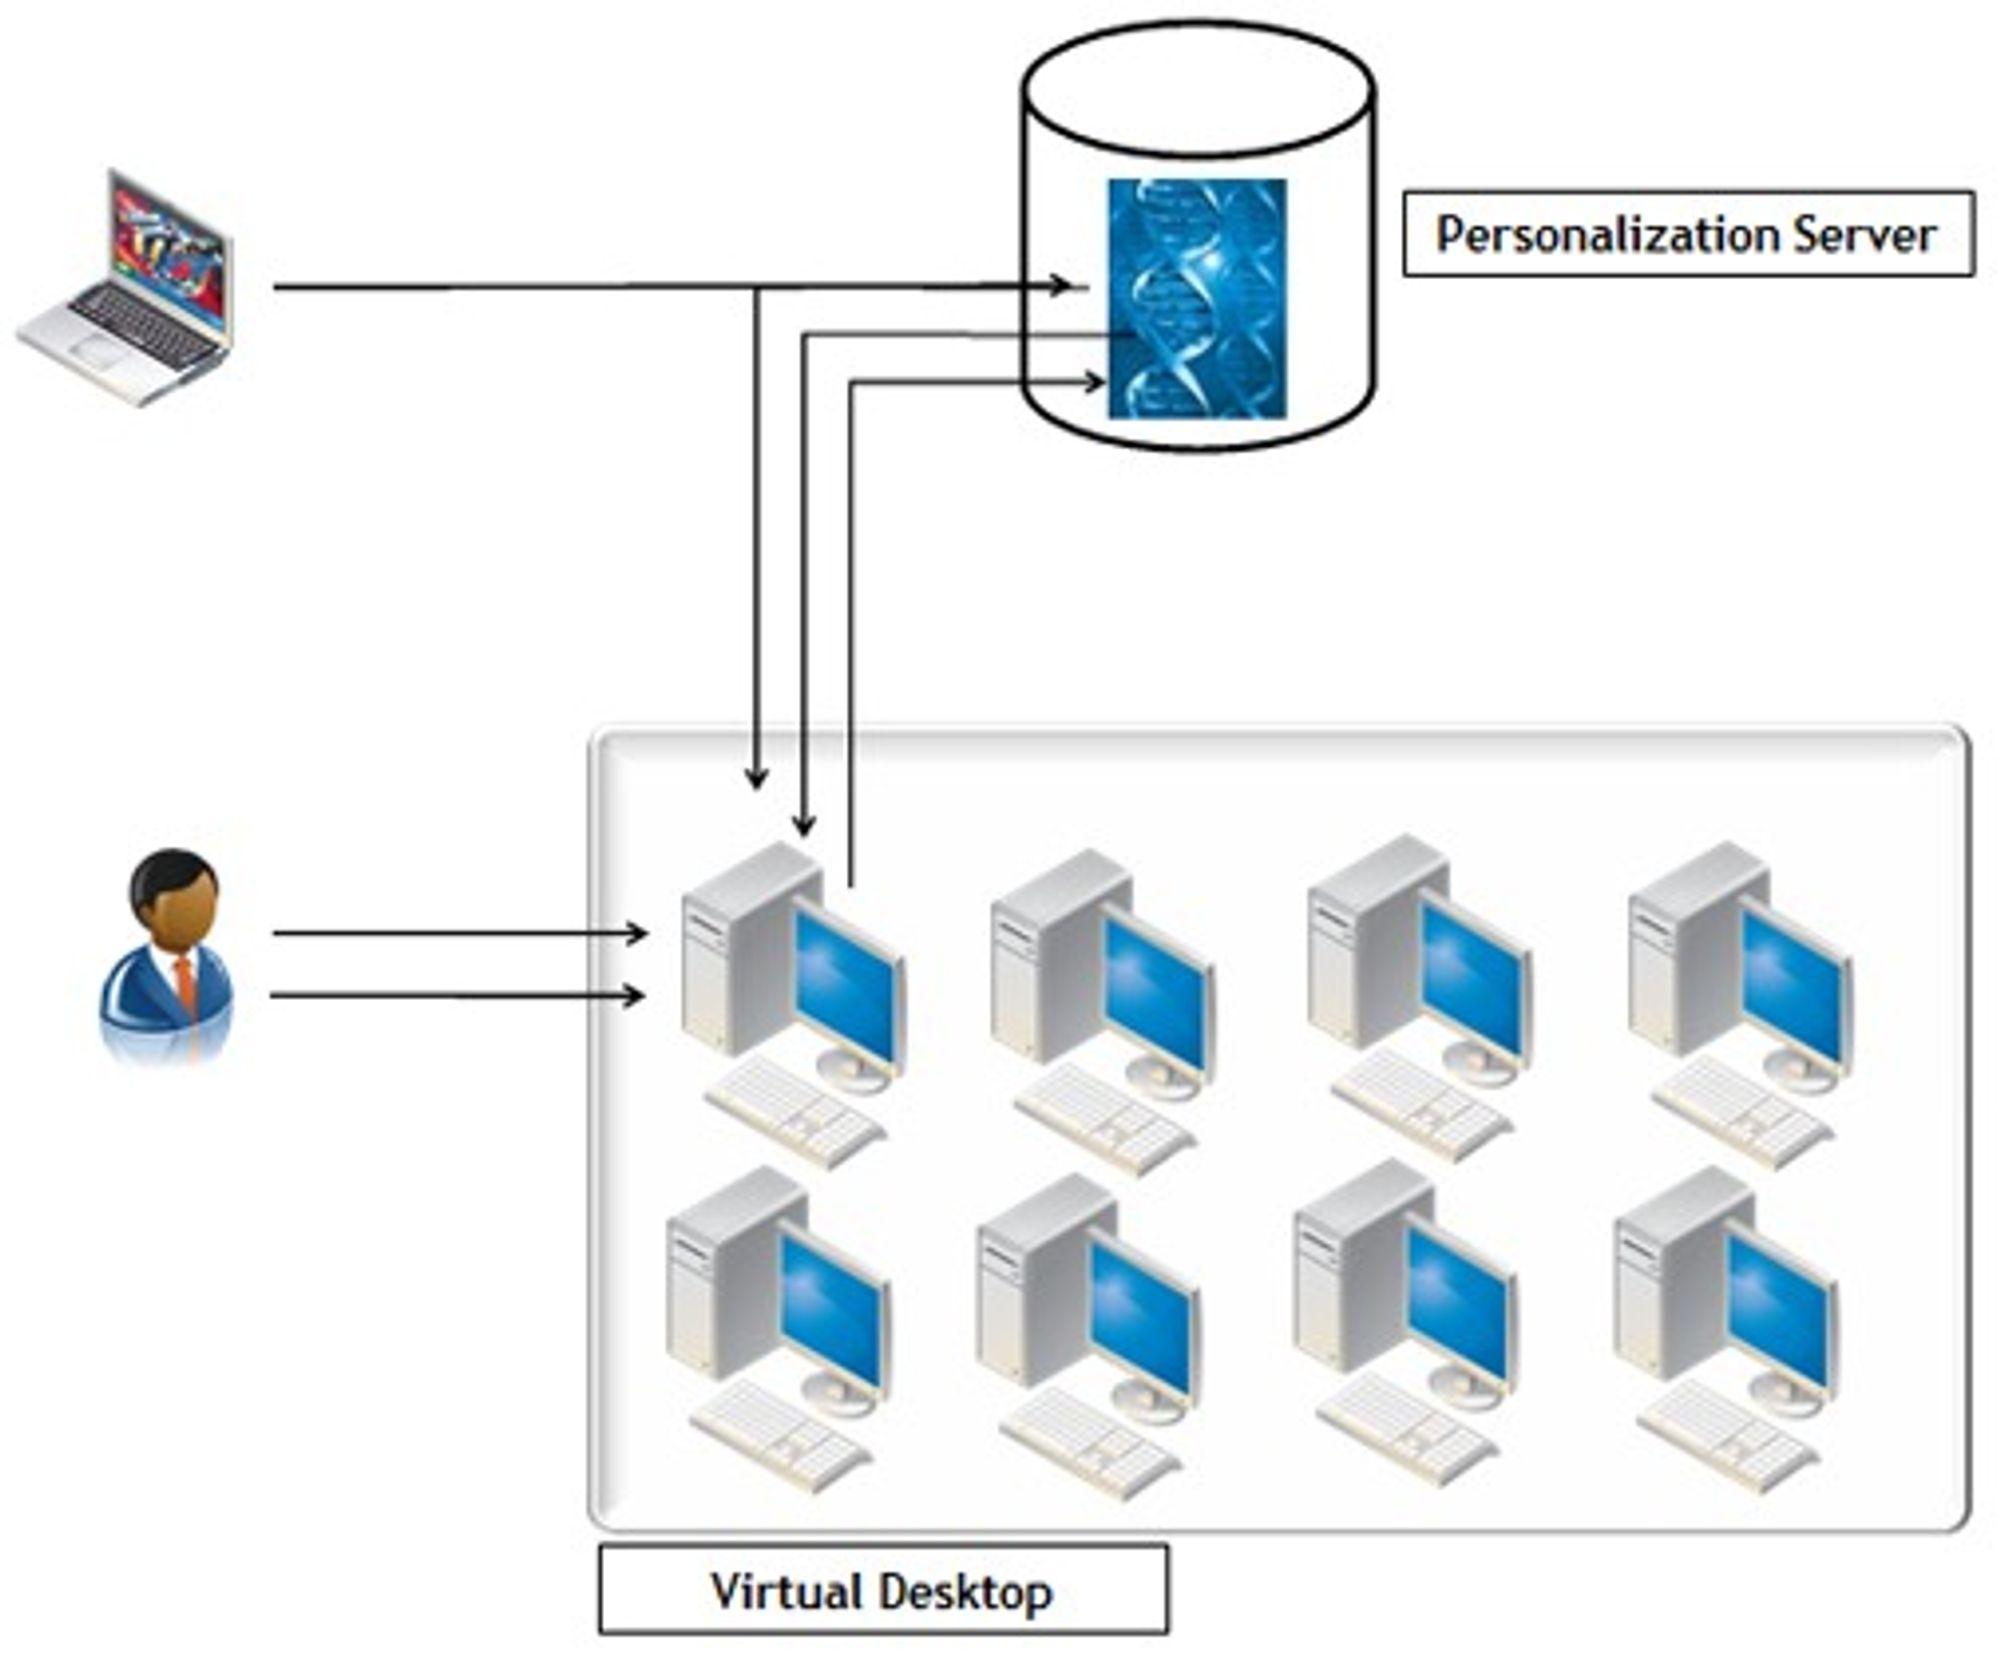 Appsense kan også brukes til å få kontroll over både bærbare og stasjonære pc-er.